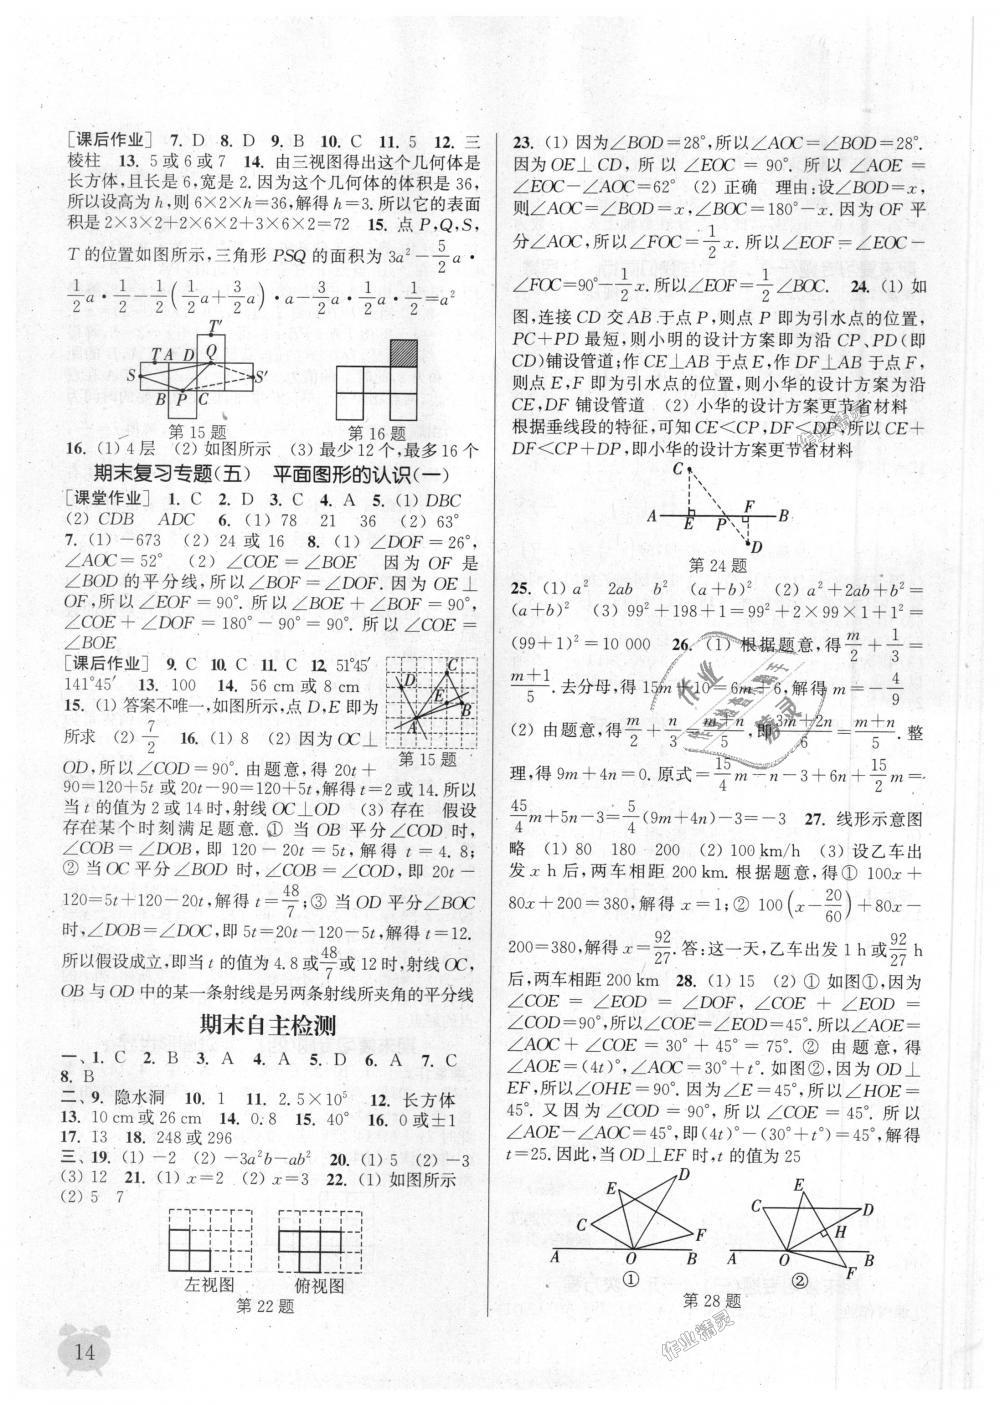 2018年通城学典课时作业本七年级数学上册江苏版江苏专用第14页